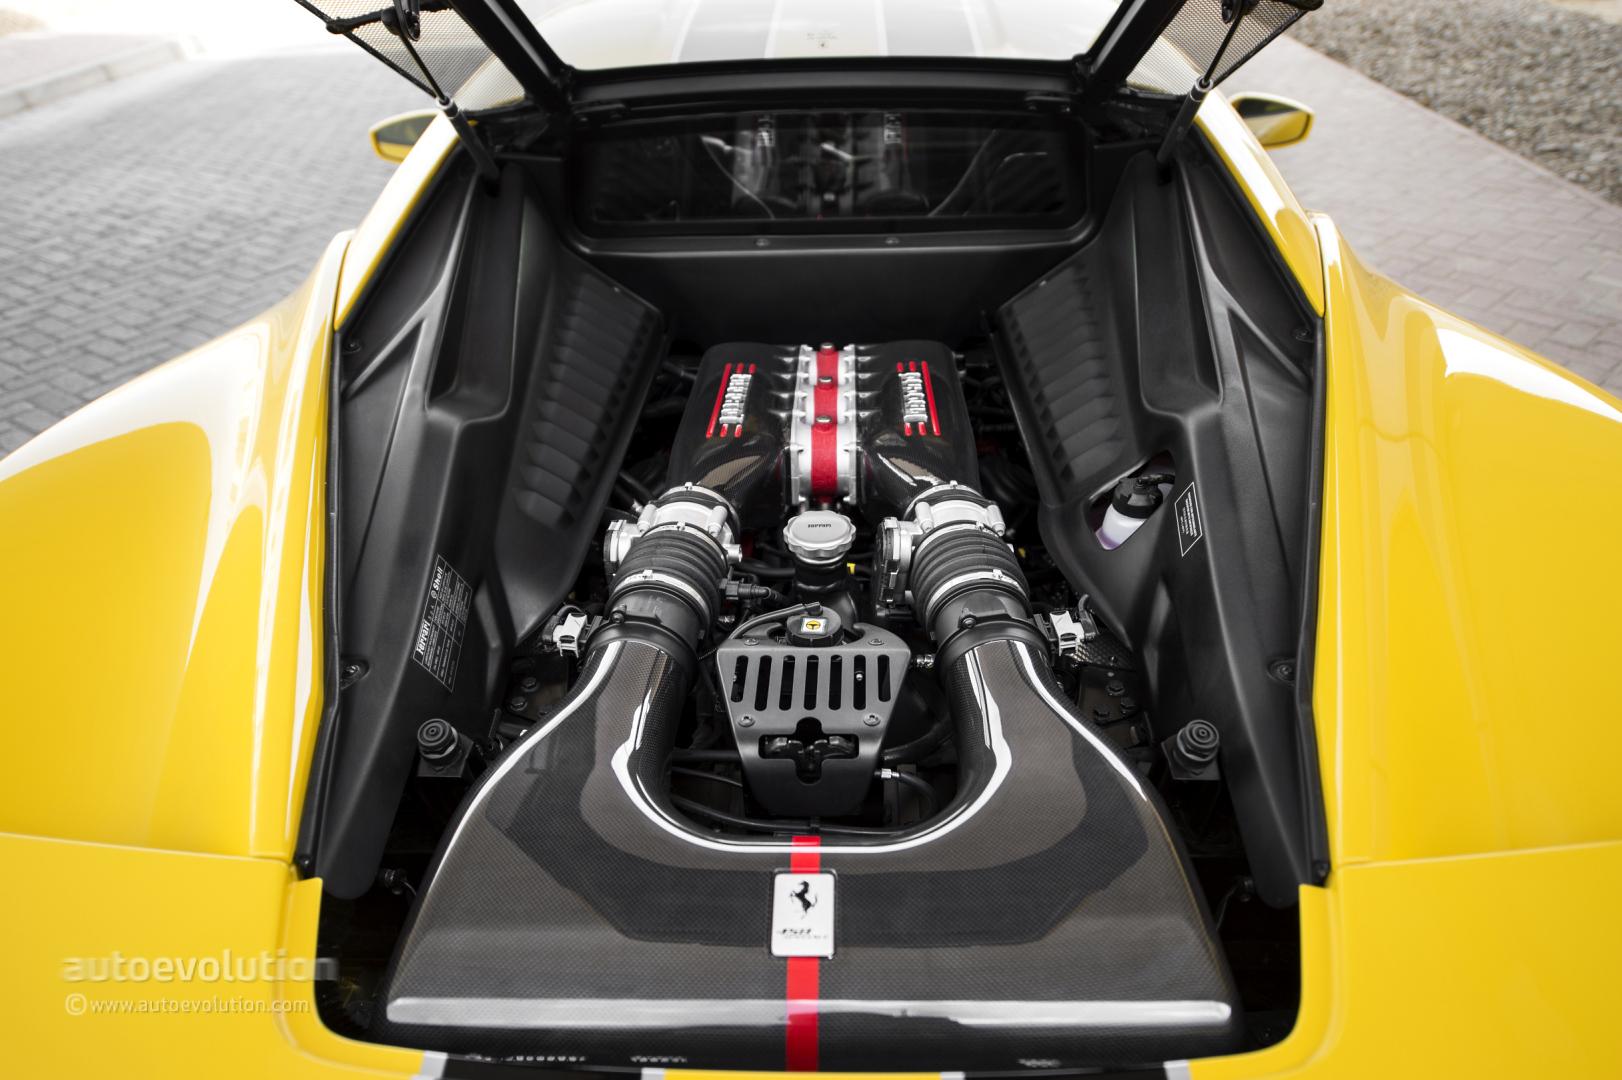 Ferrari 458 Speciale Hd Wallpapers Autoevolution